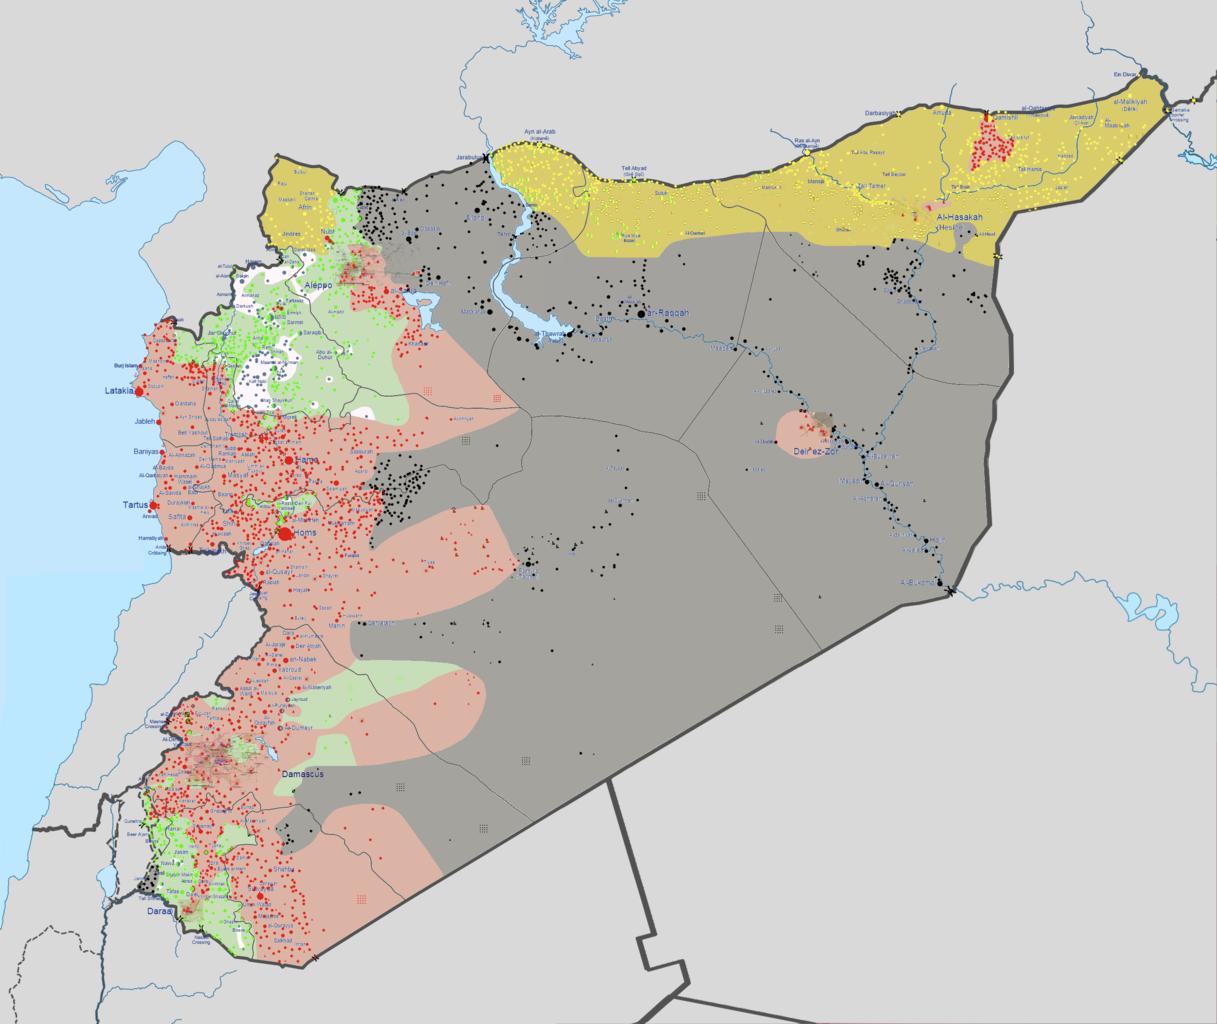 A szíriai polgárháború állása 2015 szeptemberében, pirossal jelölve a kormányerők, feketével az Iszlám Állam, sárgával a kurd, zölddel a különböző, főként radikális iszlamista szervezetek által ellenőrzött területeket. #moszkvater